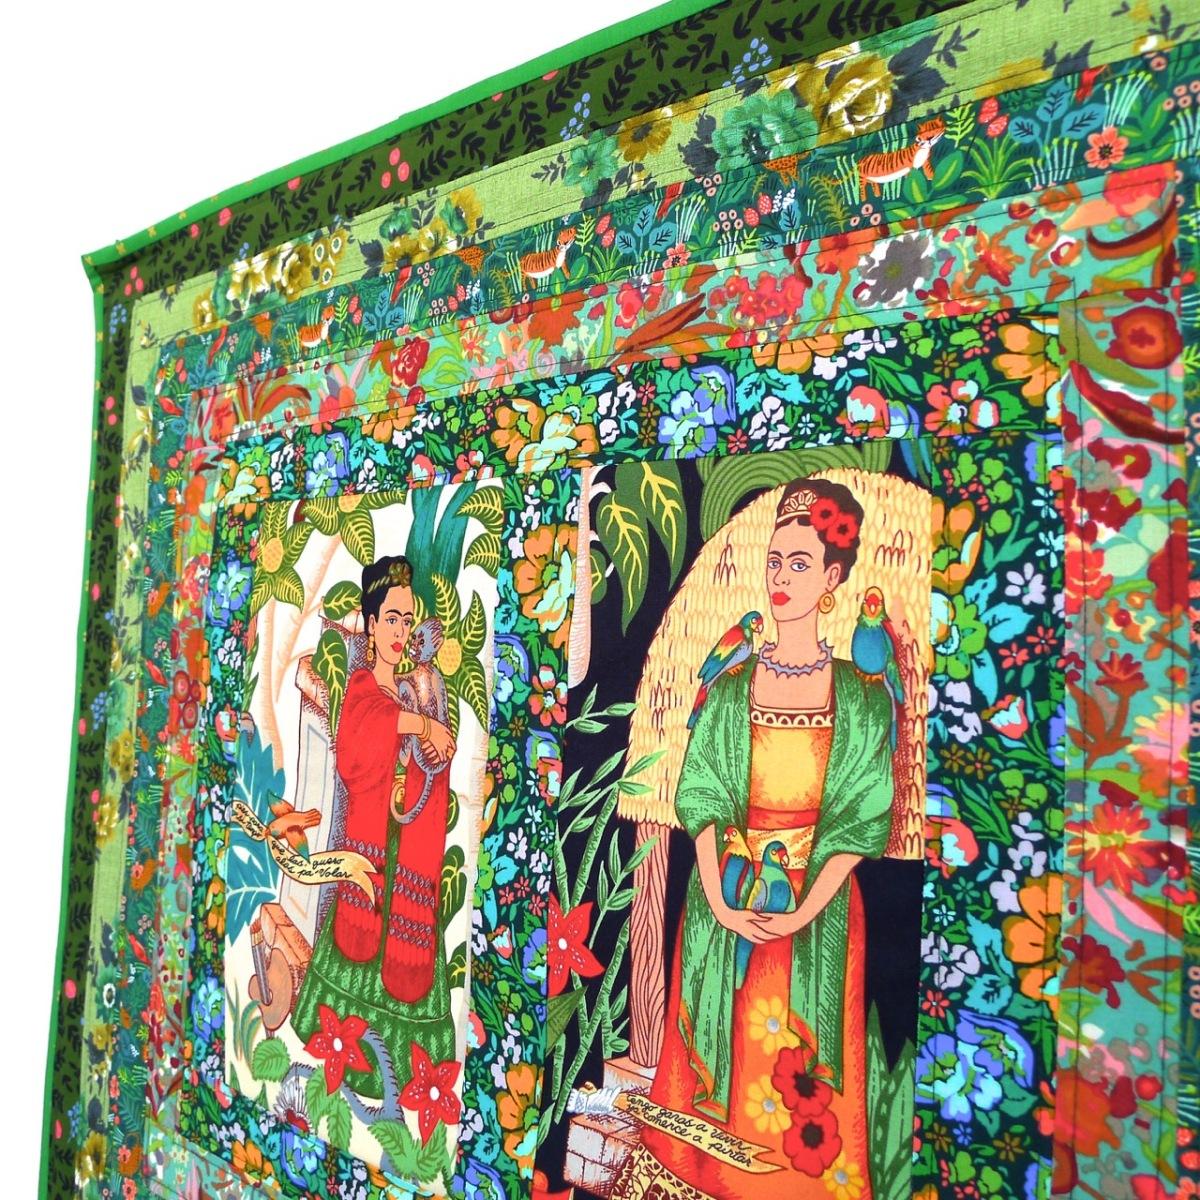 La selva de Frida